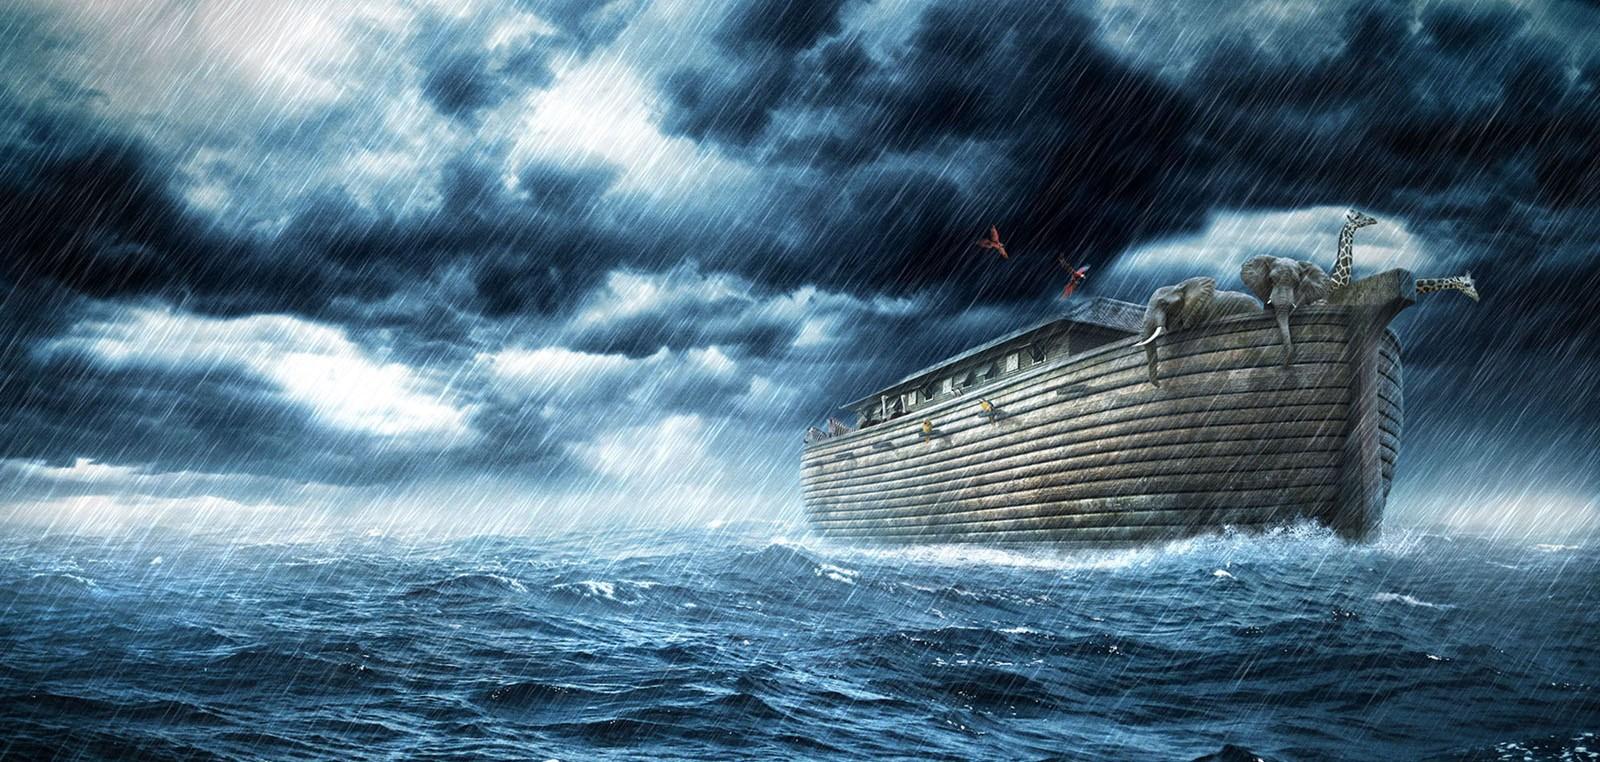 Иллюстрация Ноева ковчега во время шторма во время Великого потопа. Реальность или миф?